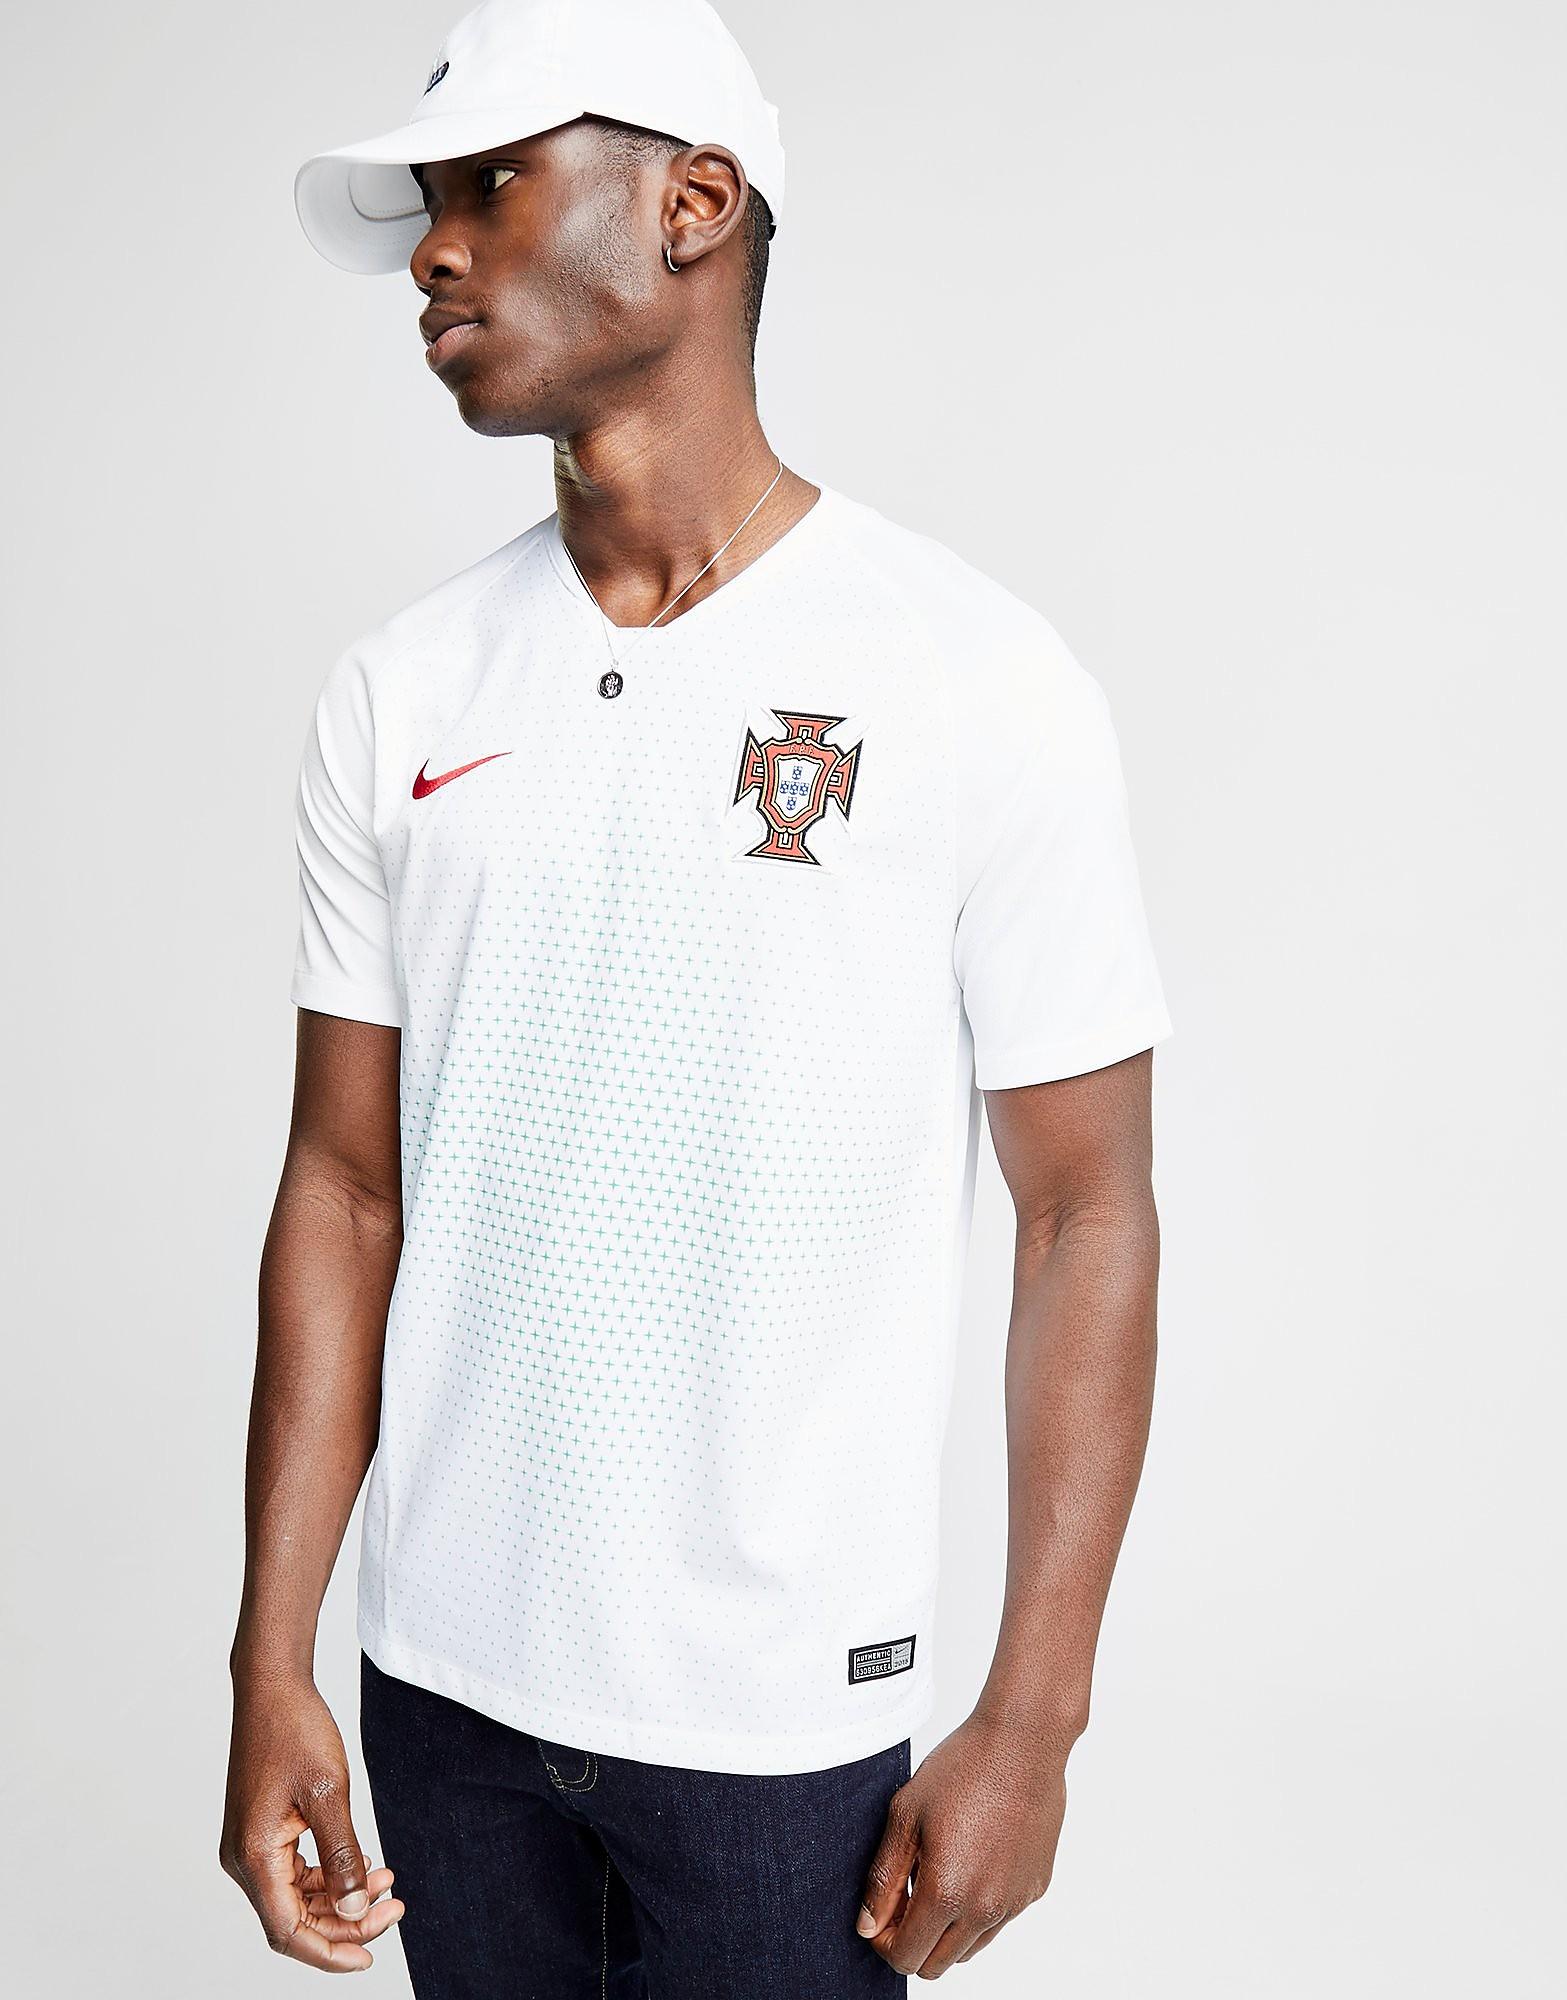 Nike Maillot Extérieur Portugal 2018 Homme